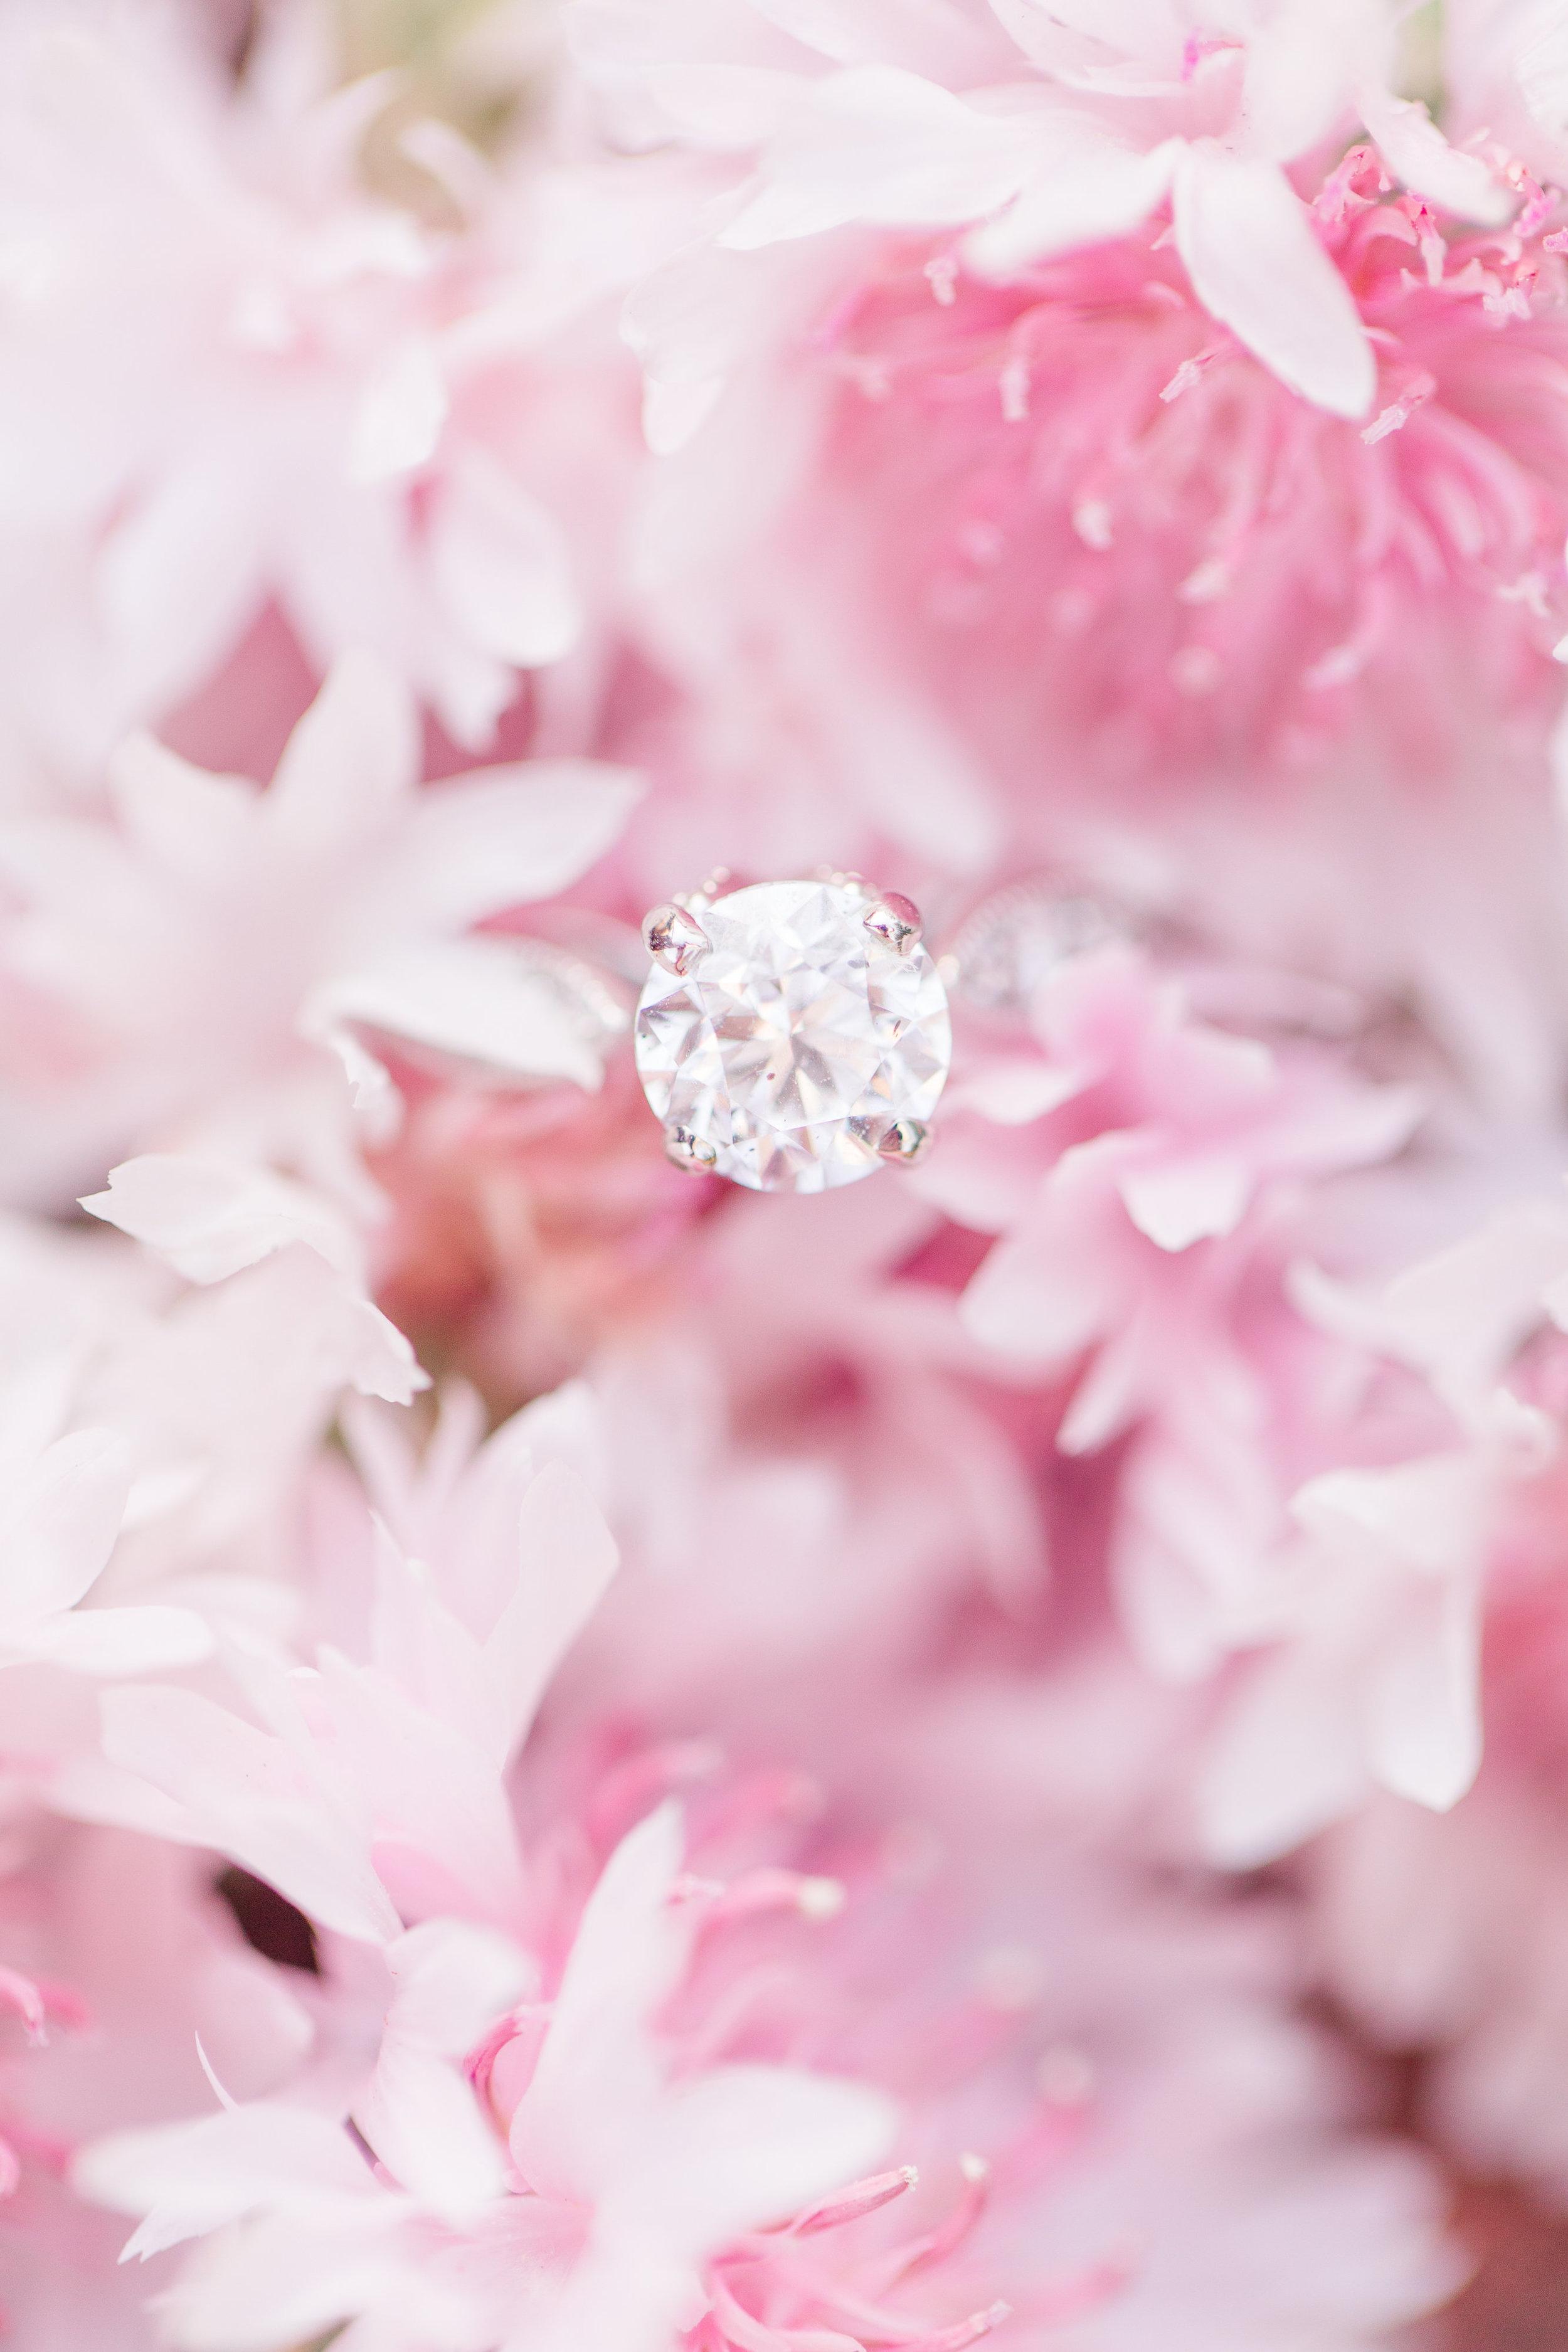 Diamond nice and polished!!